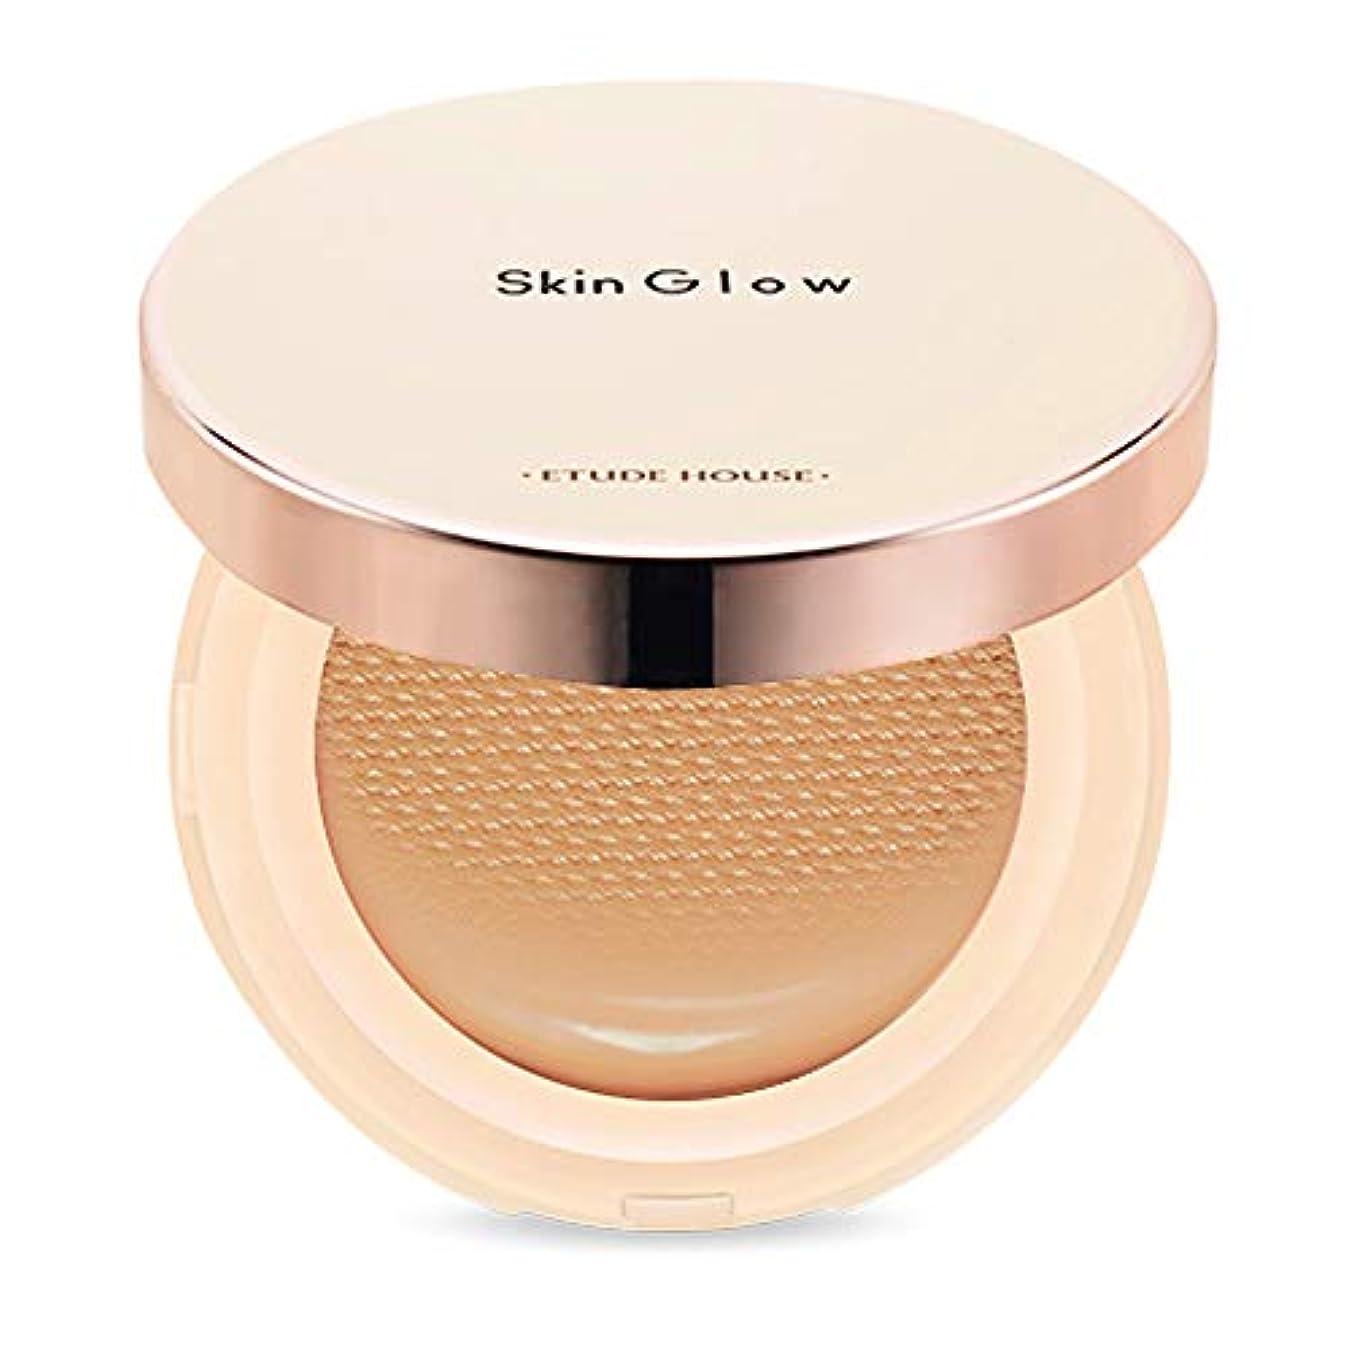 イル望まない宮殿Etude House Skin Glow Essence Cushion SPF50+/PA++++ エチュードハウス スキン グロー エッセンス クッション (# N06 Tan) [並行輸入品]